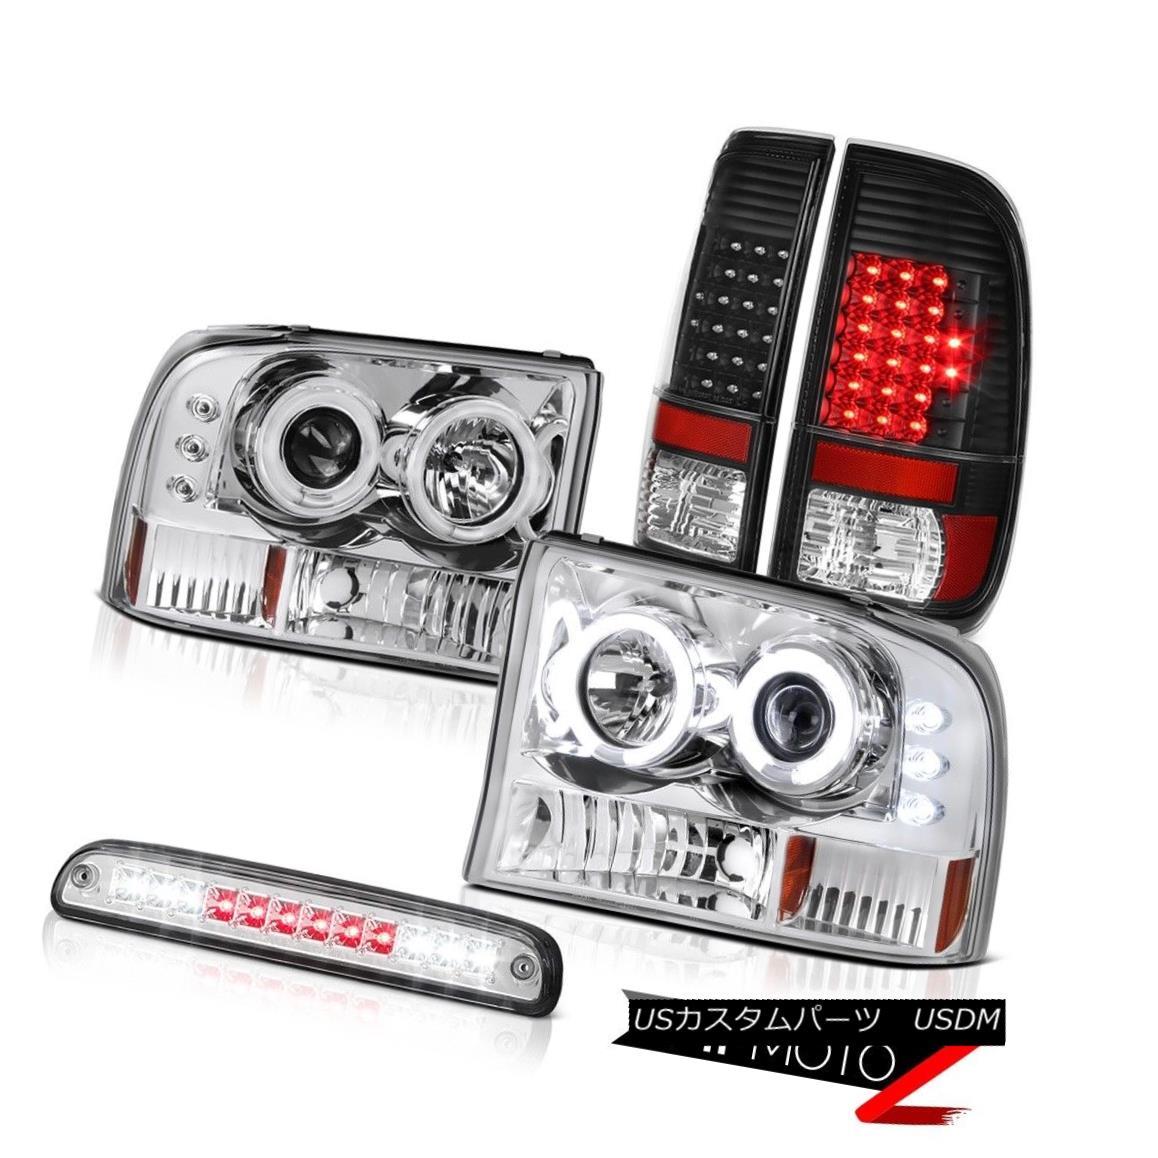 テールライト 99-04 F350 7.3L Devil's CCFL Rim Headlights Bright LED Tail Lights Third Brake 99-04 F350 7.3LデビルのCCFLリムヘッドライト明るいLEDテールライト第3ブレーキ